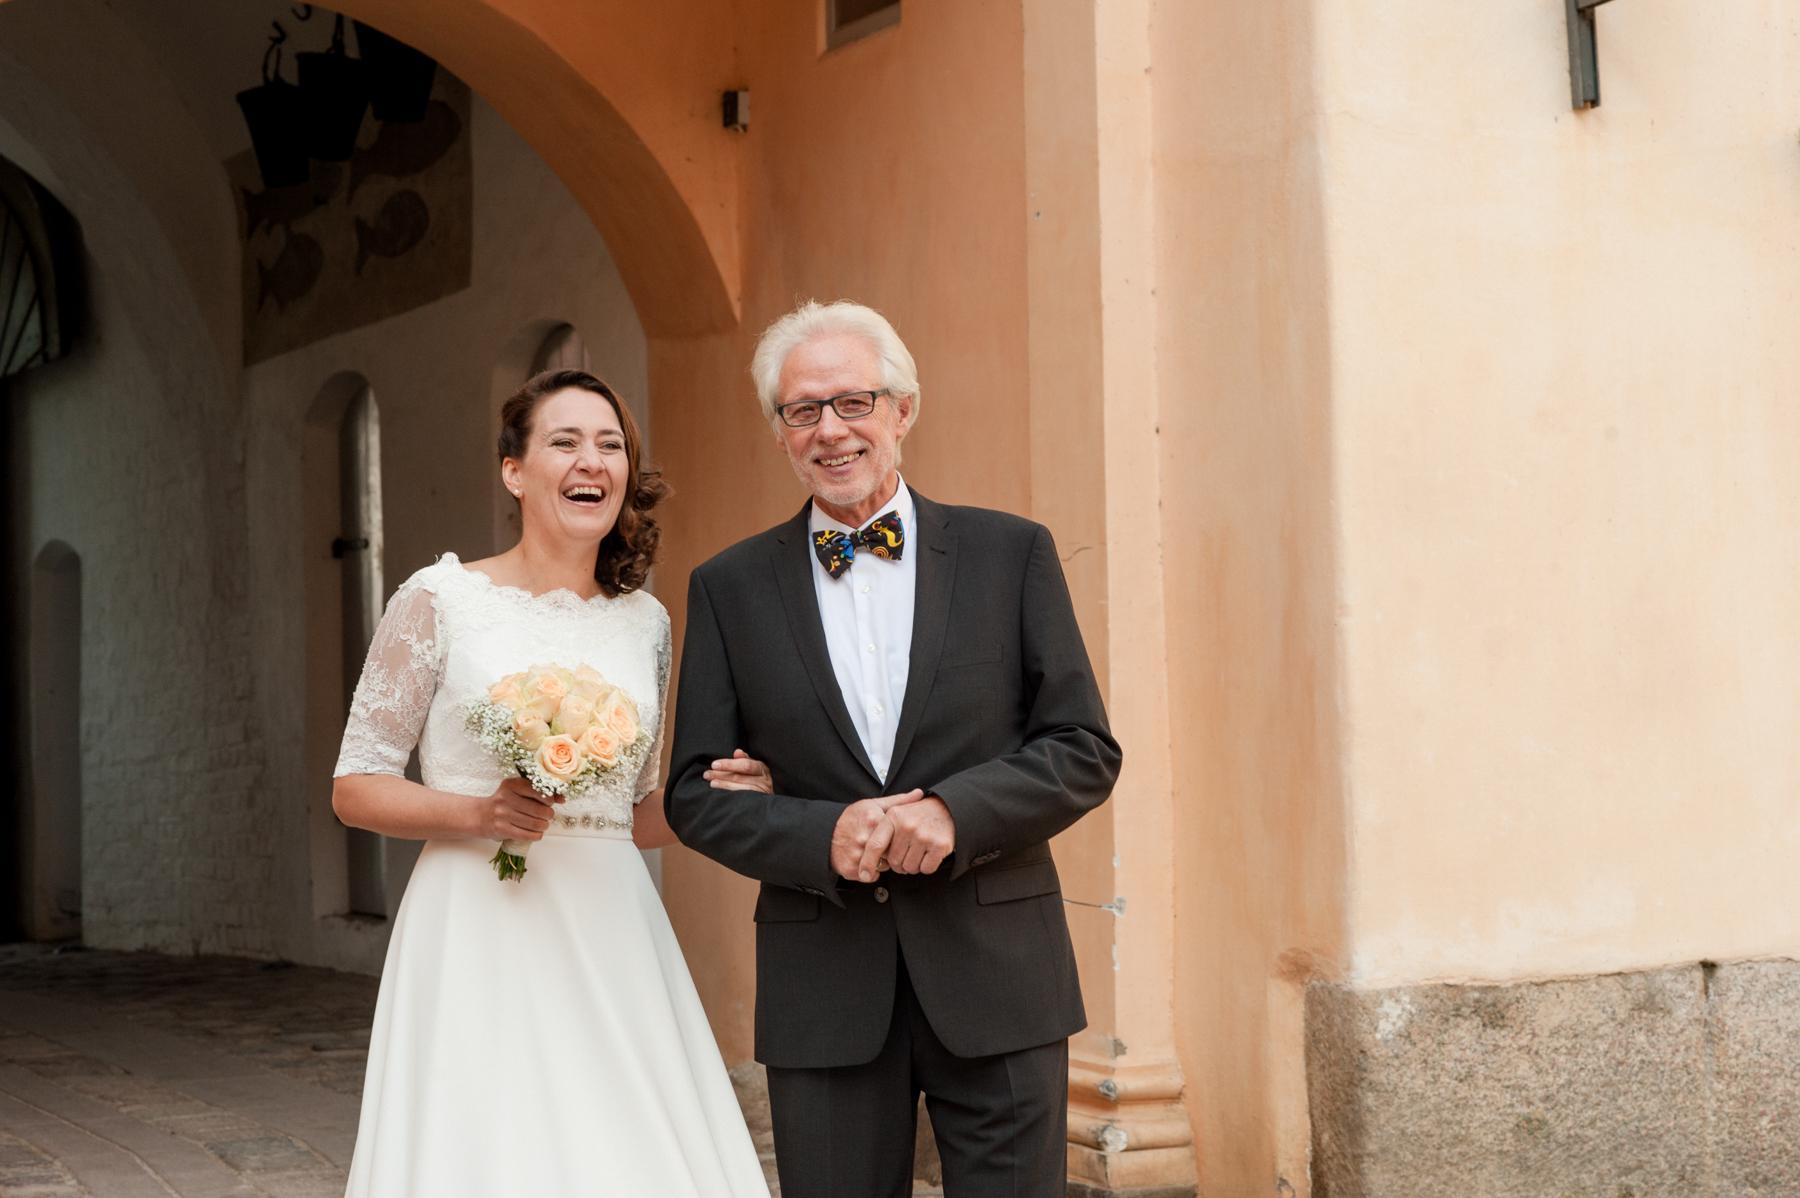 Bluhm-Hochzeitsfotograf-HochzeitamMeer-9.jpg